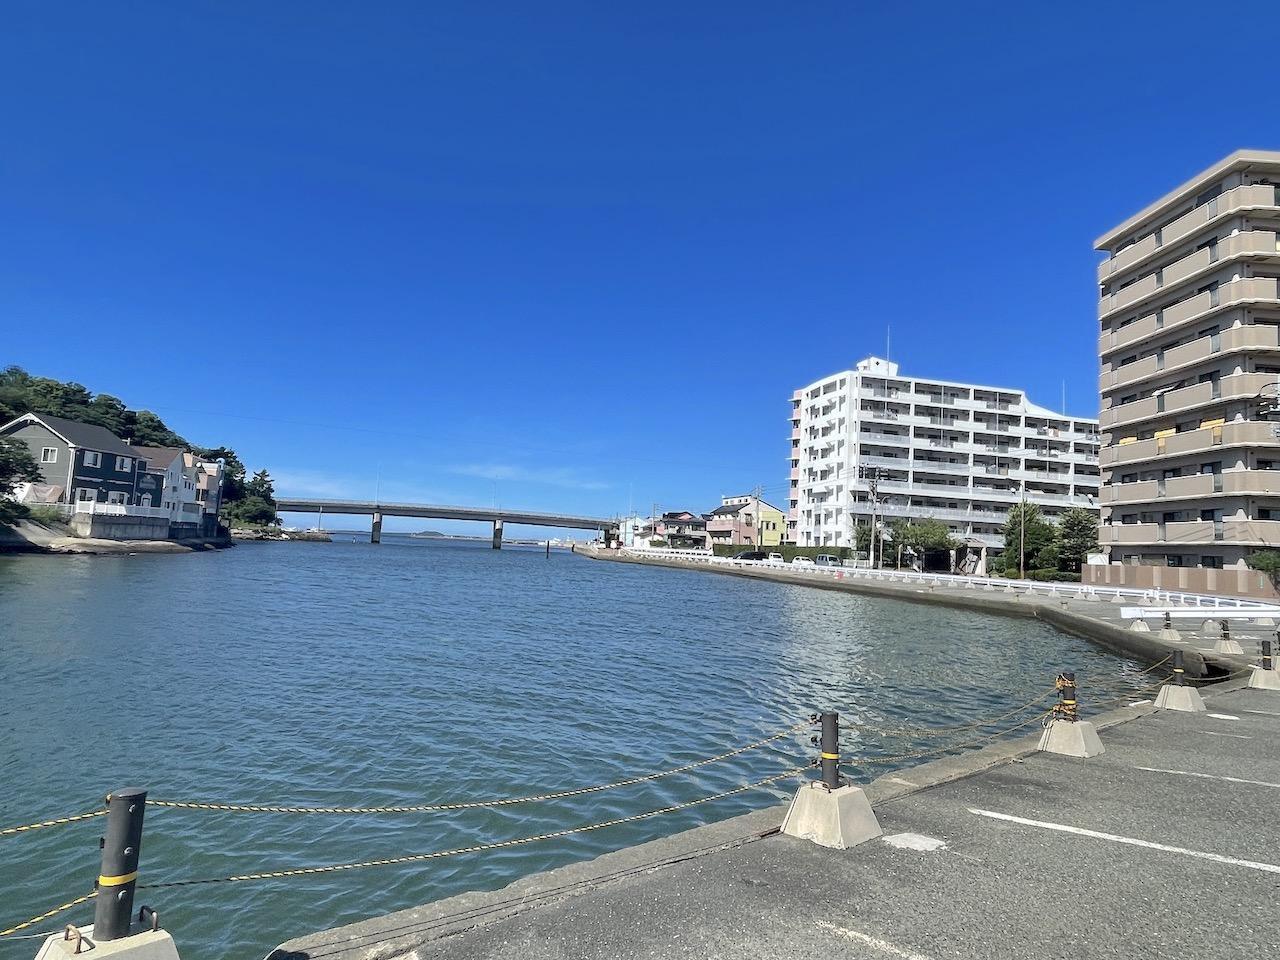 心休まる水辺に少し下町感もあり。